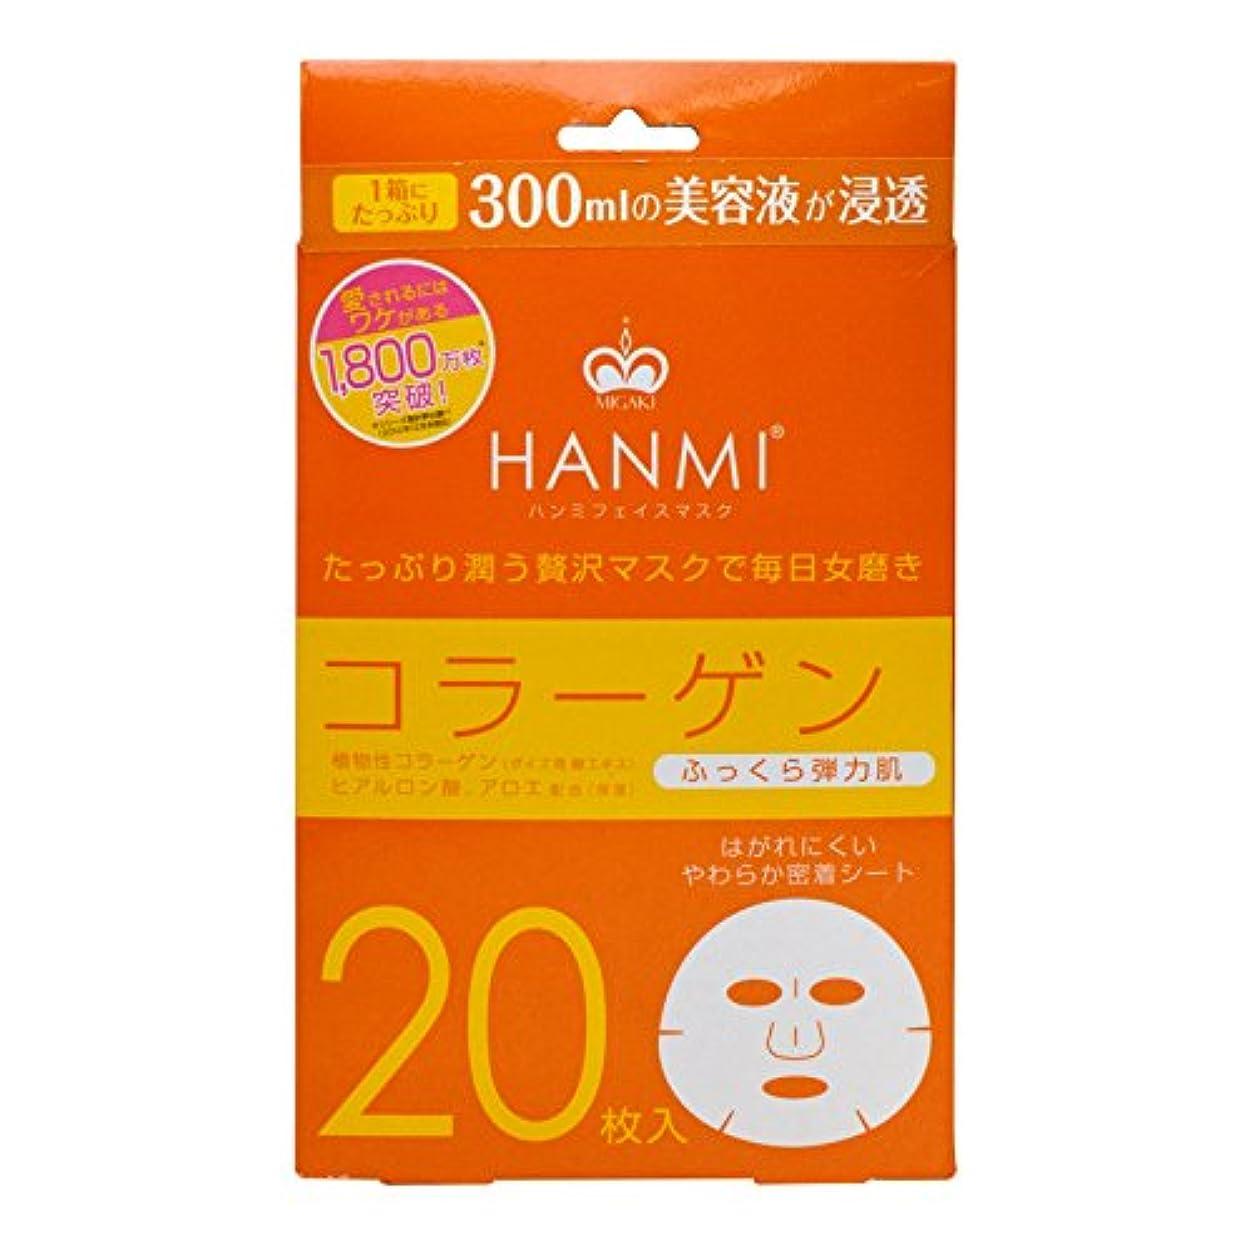 見かけ上価値のない意気揚々MIGAKI ハンミフェイスマスク コラーゲン 20枚入り